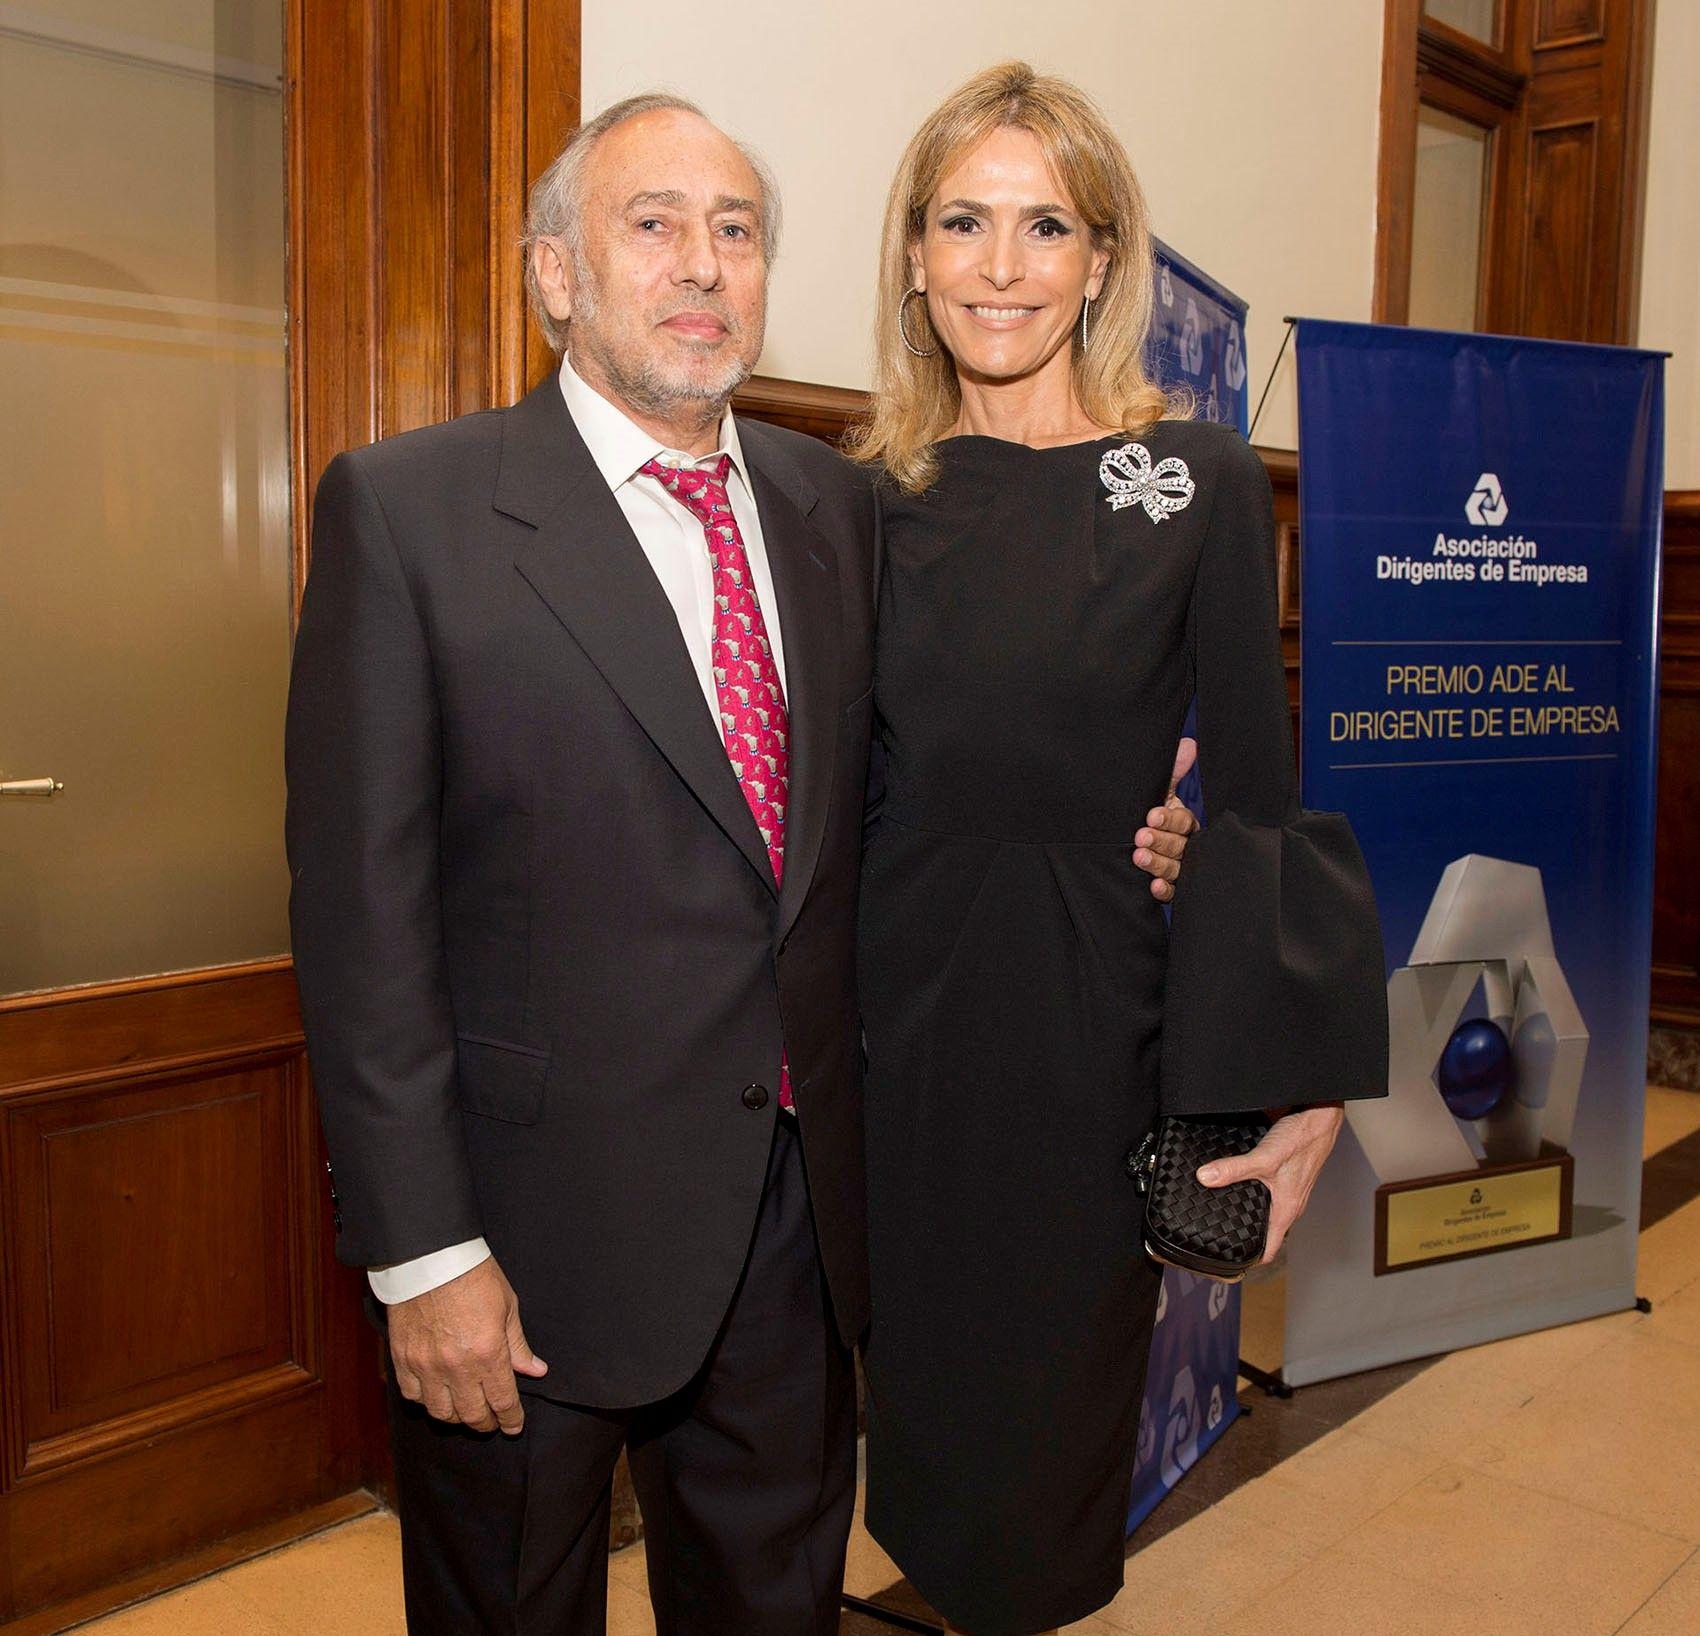 Mirtha Legrand y Gustavo Yankelevich, distinguidos por la Asociación Dirigentes de Empresas